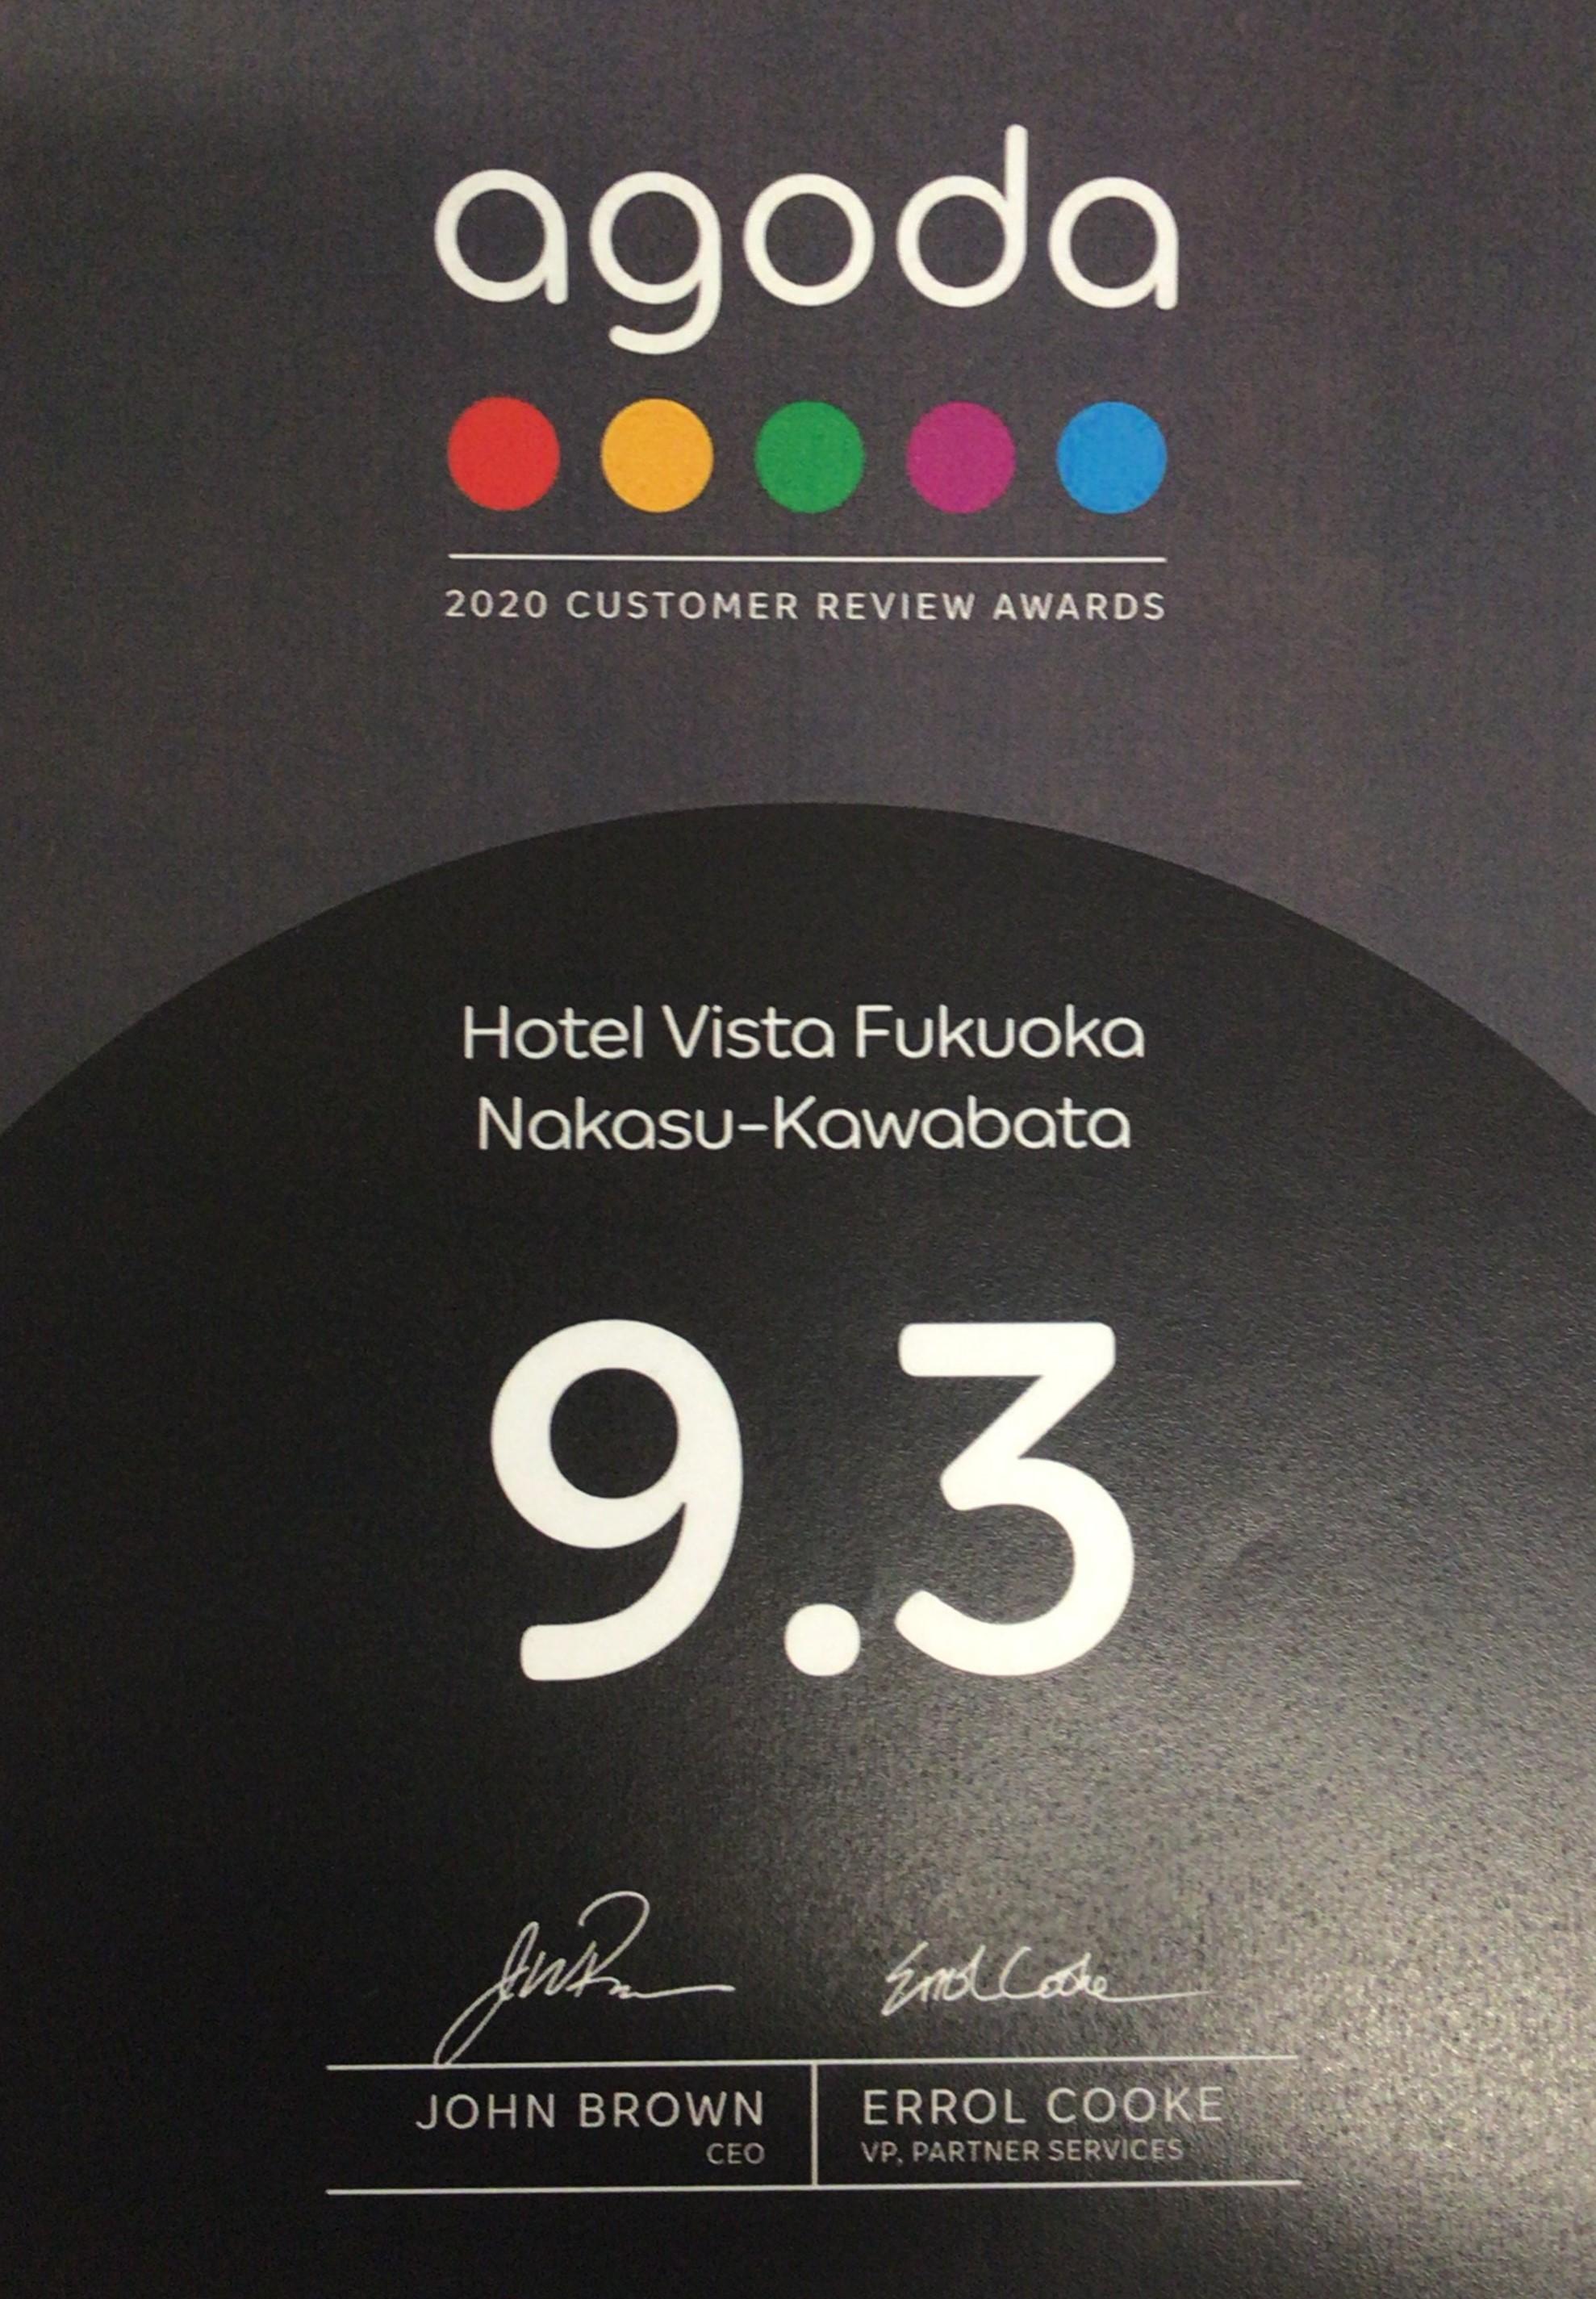 AGODA「カスタマー・レビュー・アワード2020」を受賞しました。